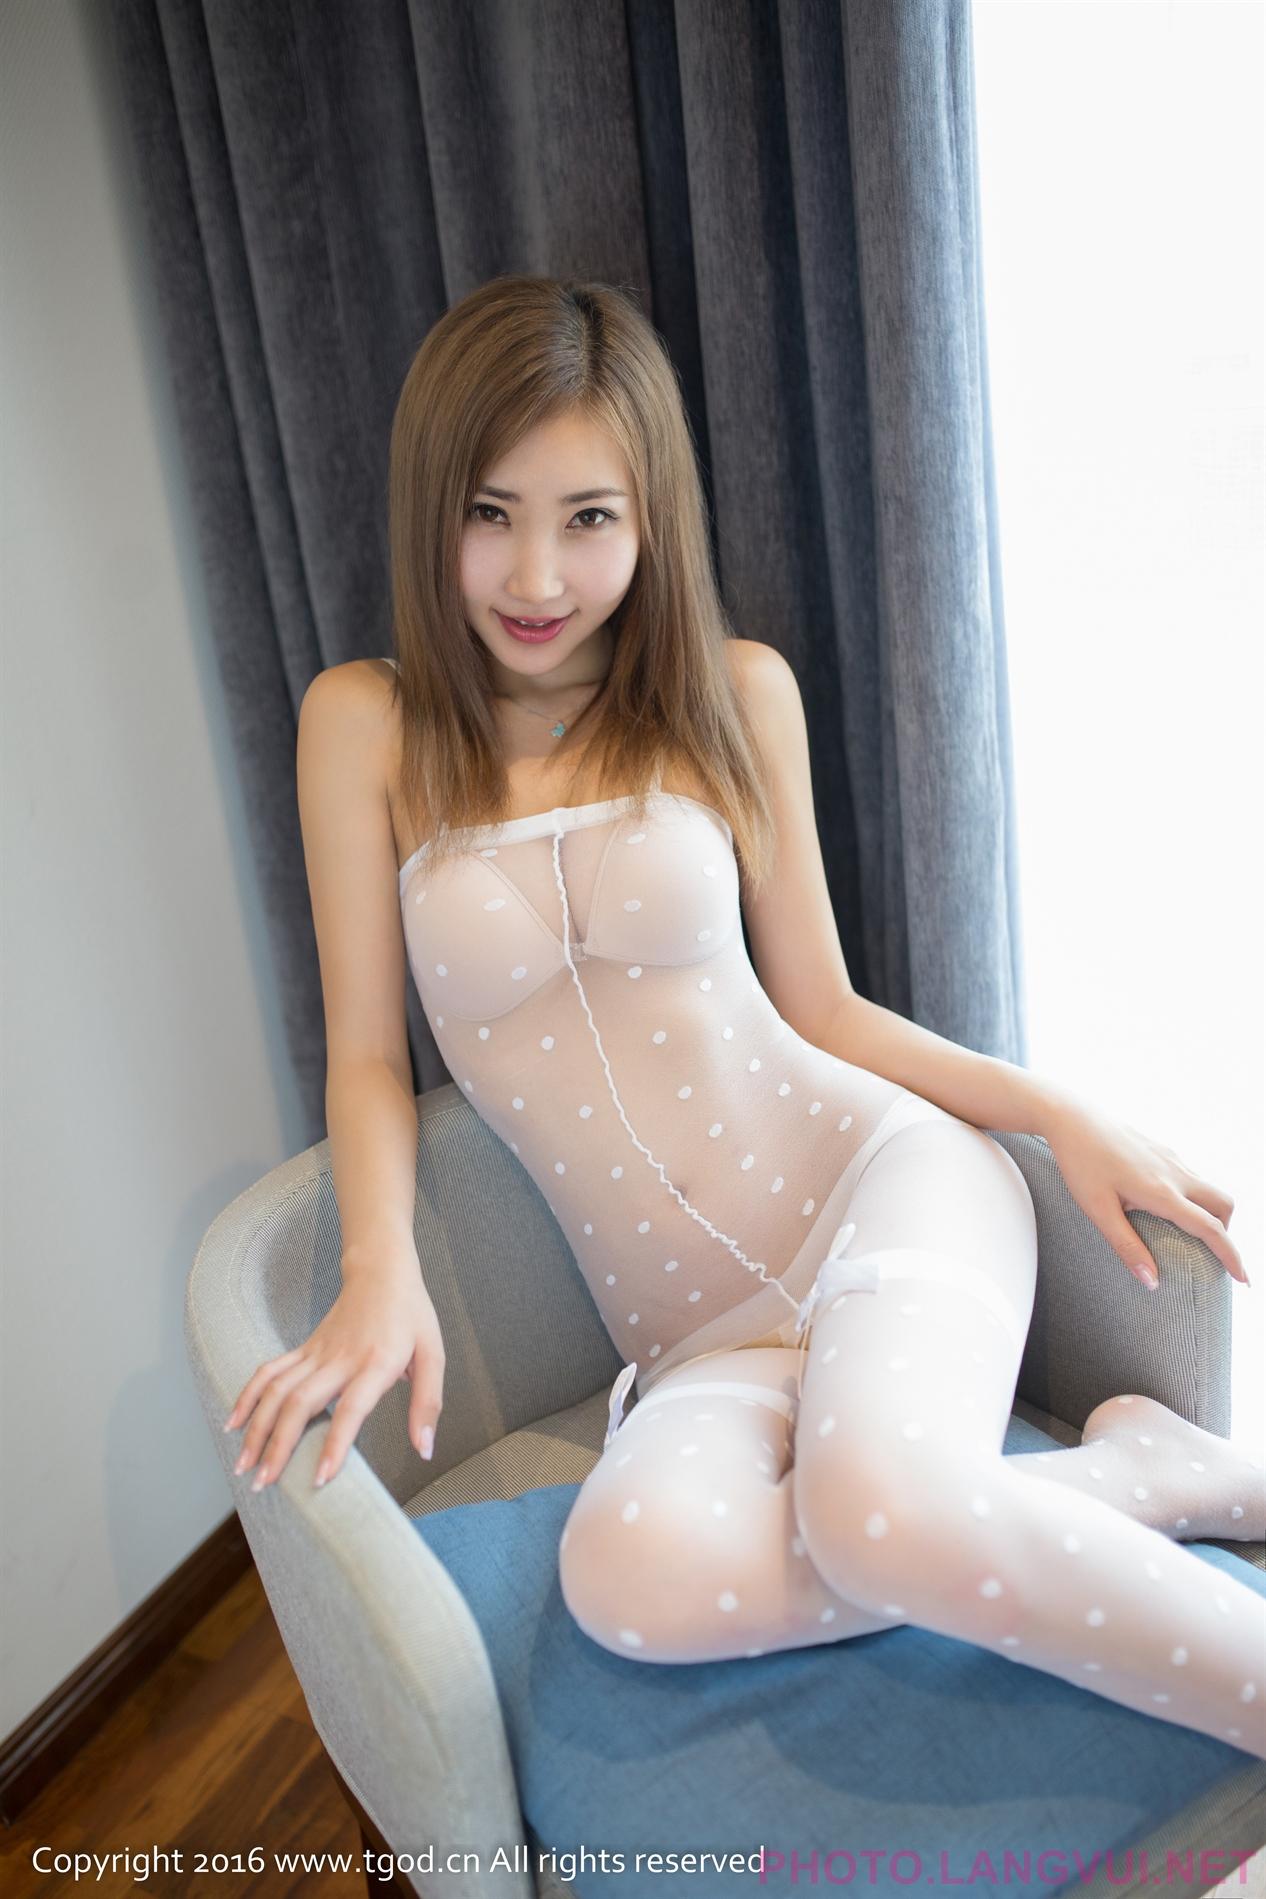 TGOD No 2016 09 25 Yumi